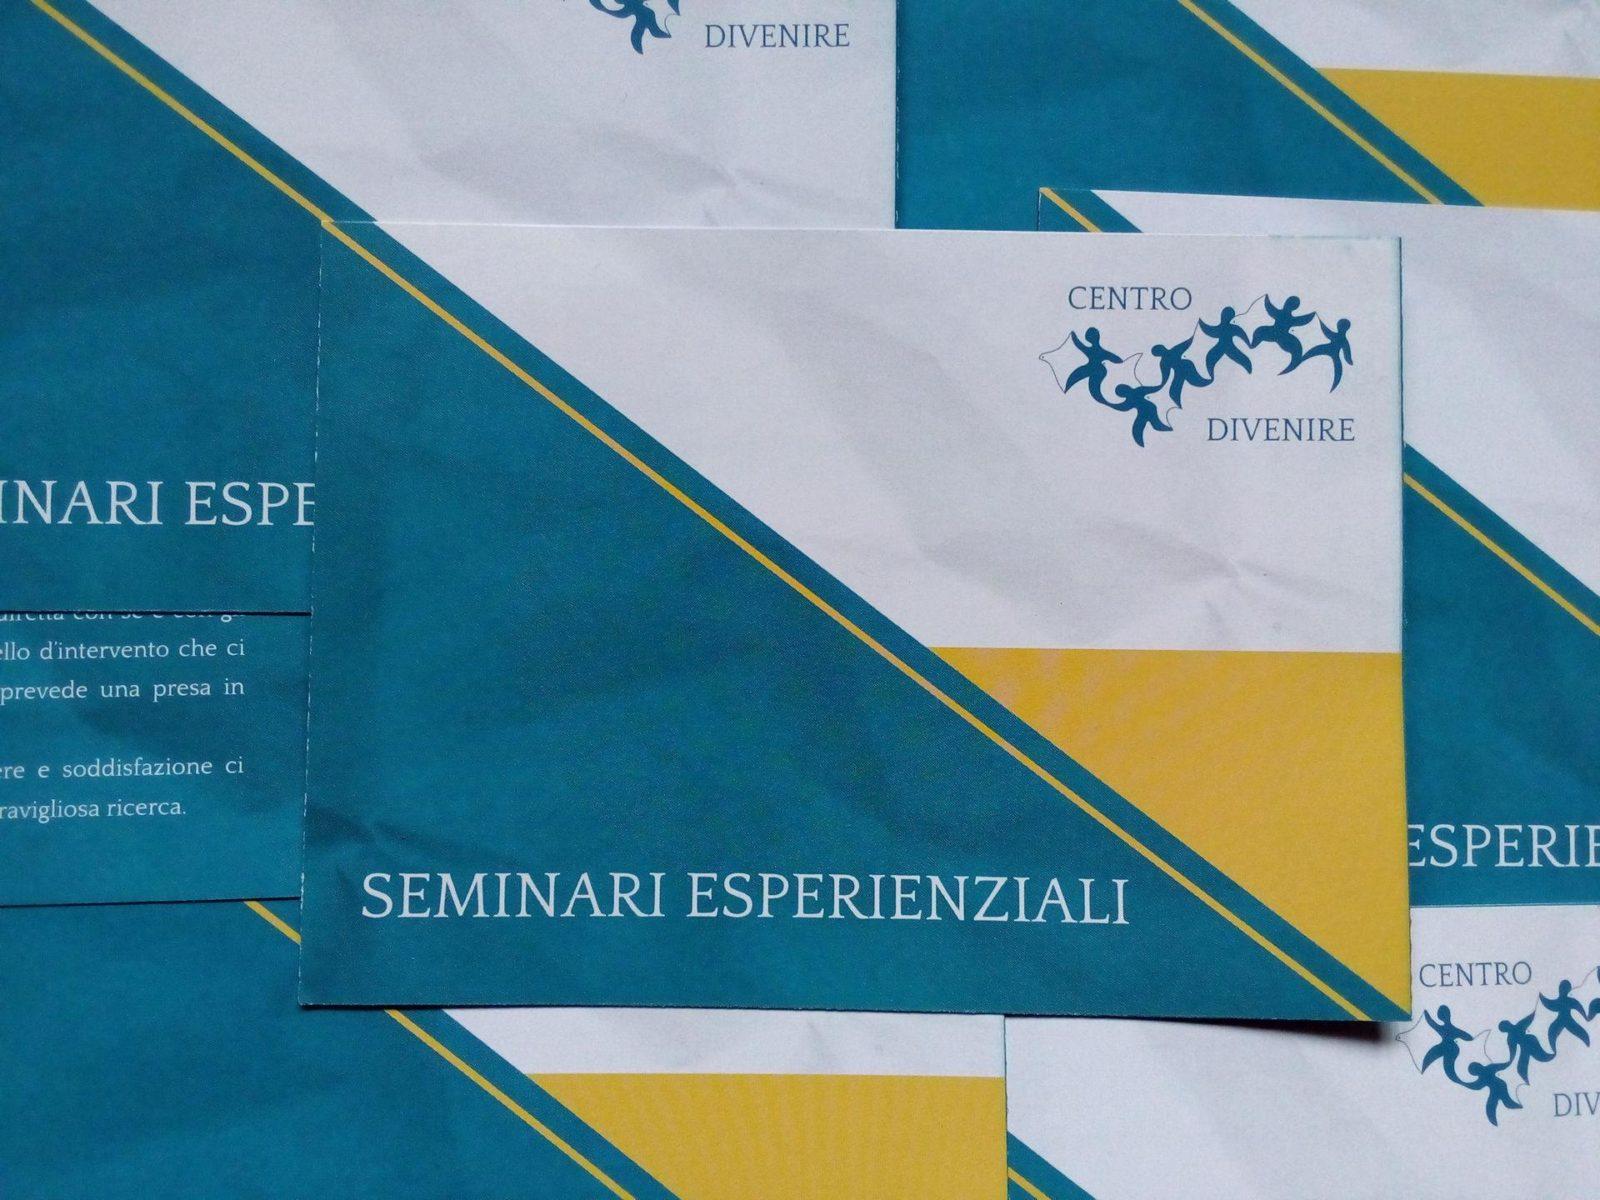 FLYER - SEMINARI ESPERIENZIALI - CENTRO DIVENIRE - COPERTINA